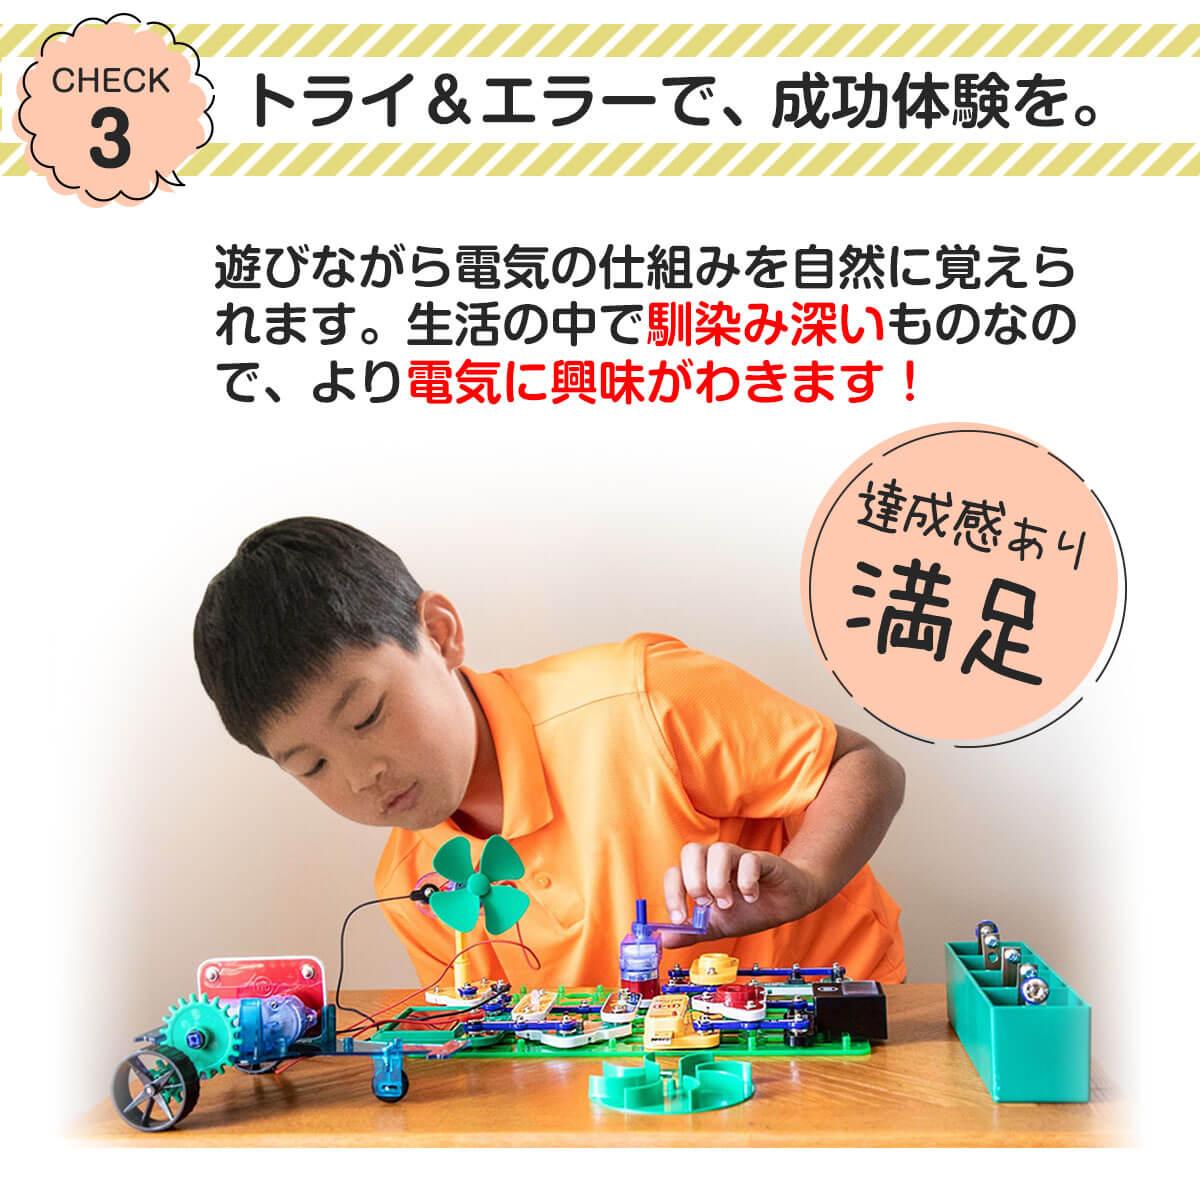 【正規品】 自由研究 子供 宿題 夏休み 電脳サーキット エコロジー 自然エネルギー 電気とは 手作り 電気の作り方 発電 仕組み 知育玩具 電子ブロック 電子玩具 科学 おもちゃ